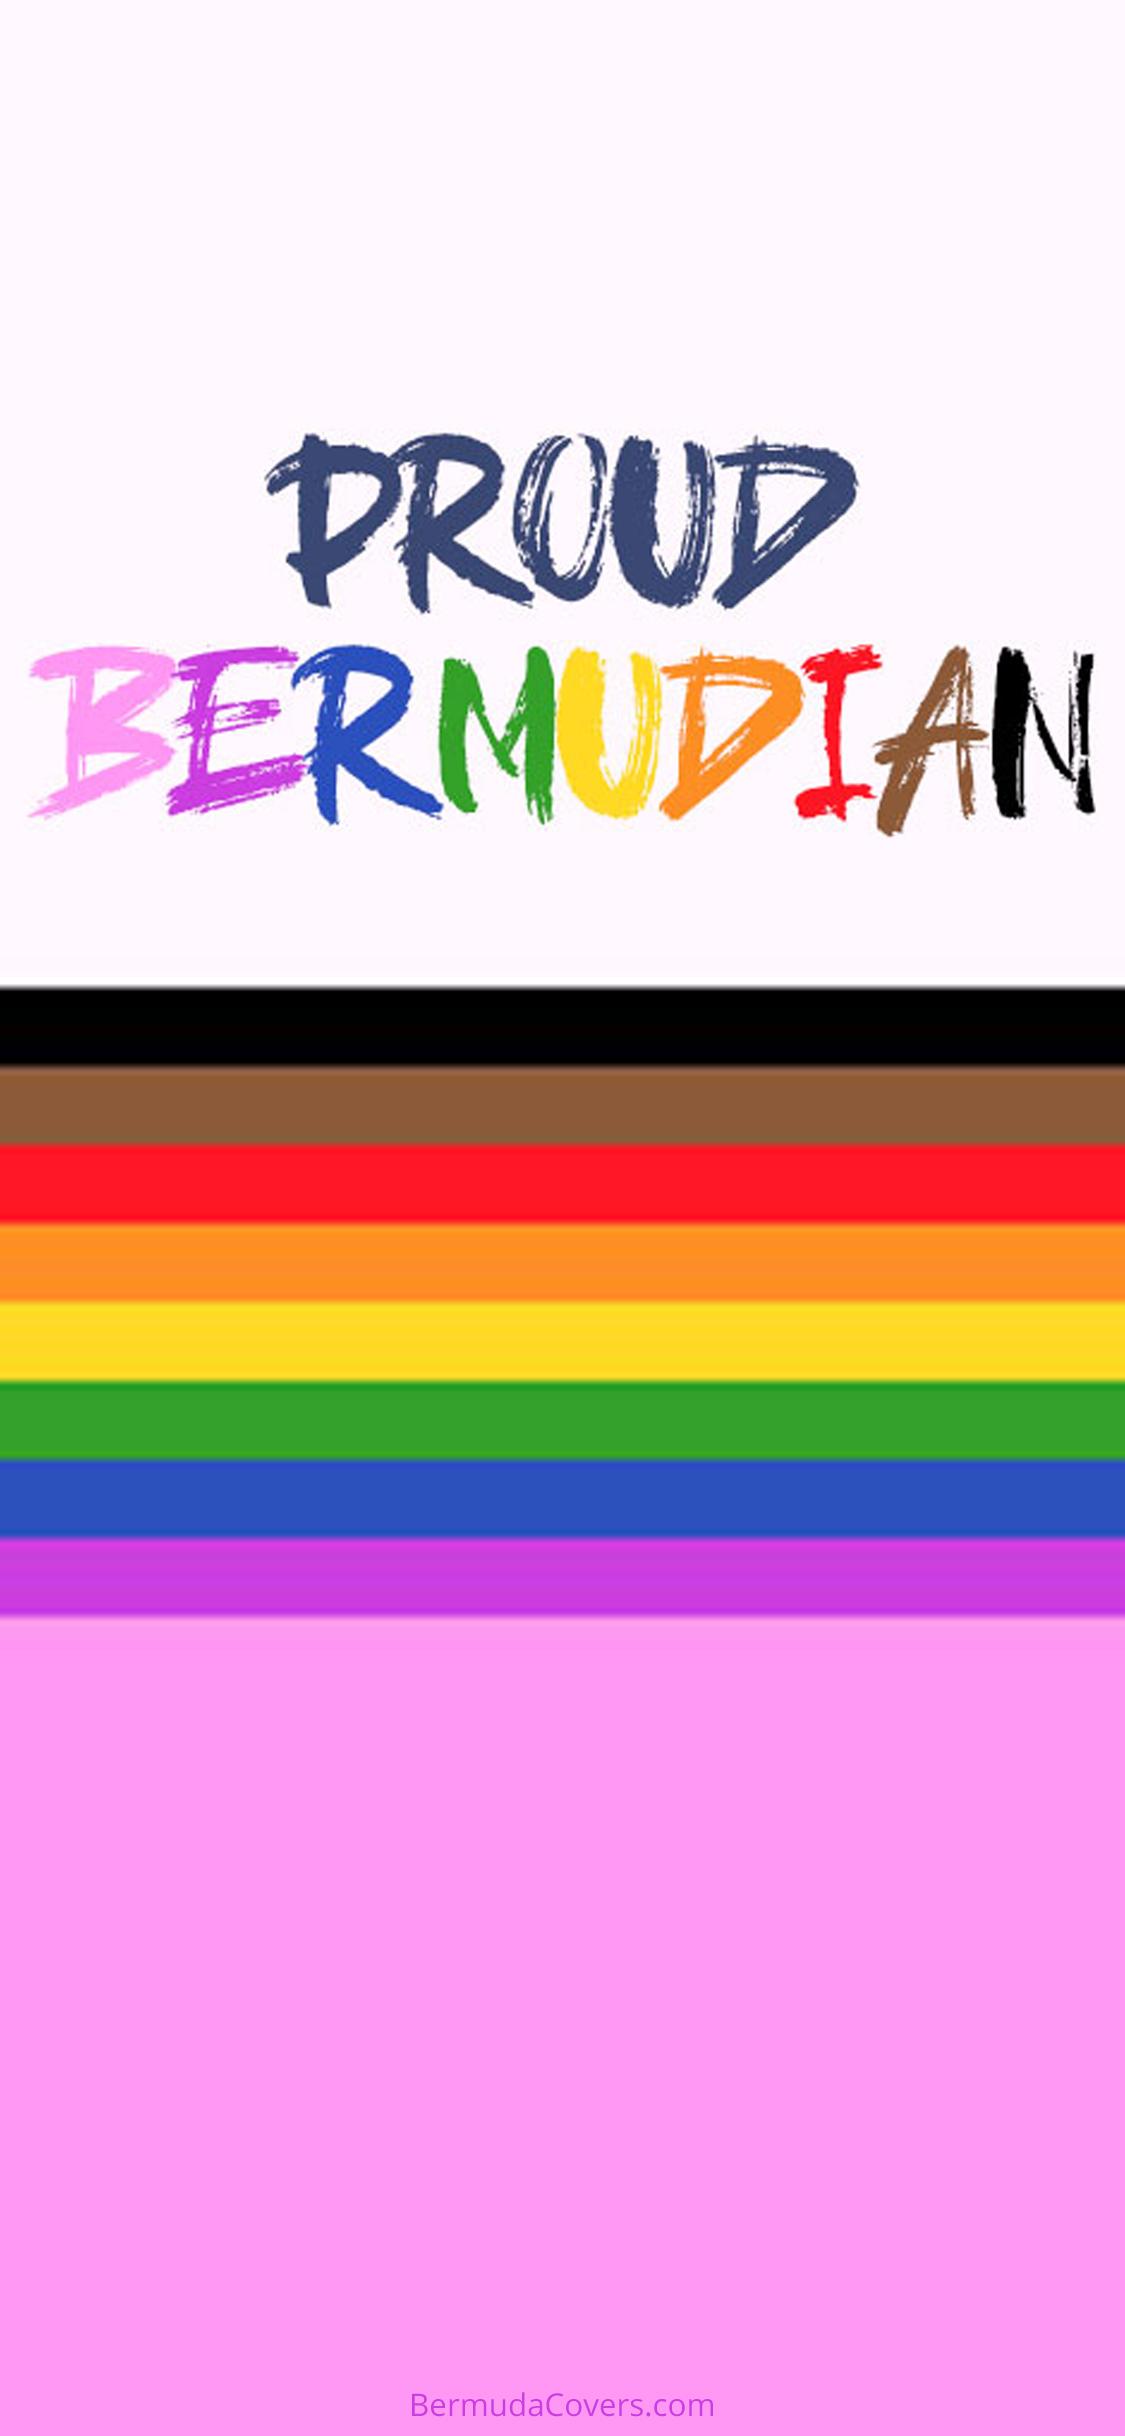 Proud Bermudian Bermuda Bernews Mobile phone wallpaper lock screen design image photo af3eere